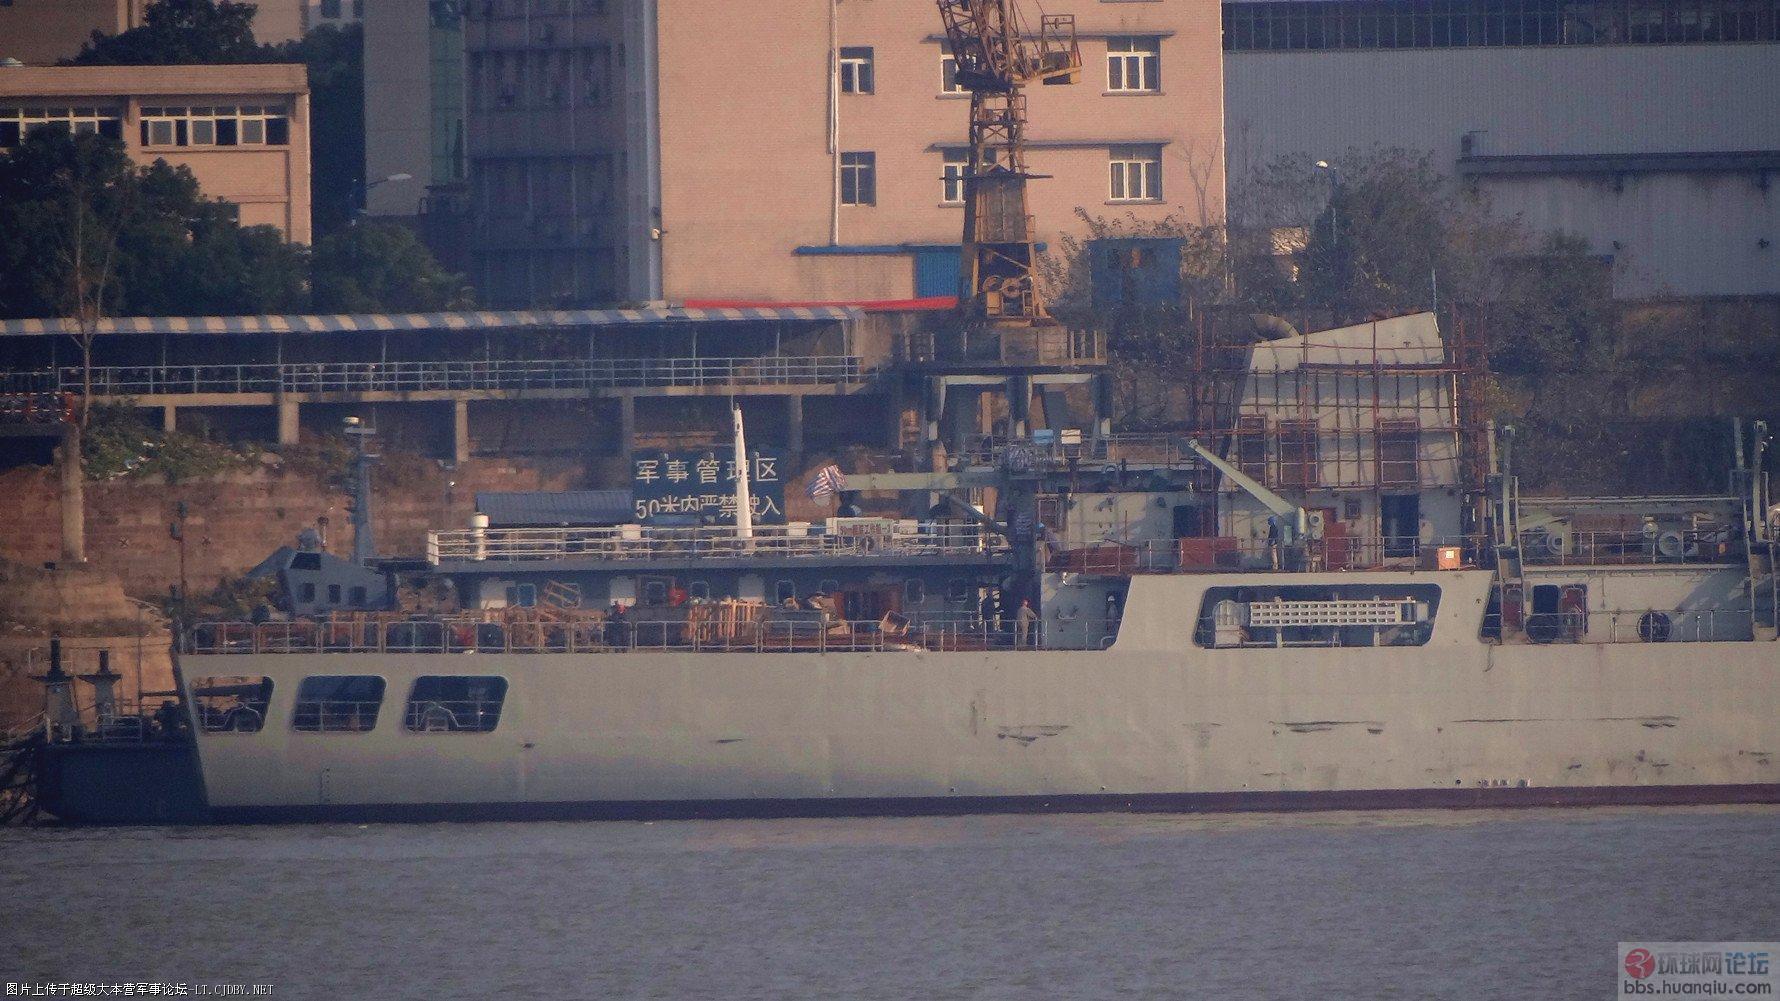 中国出口的S11舰快完工了